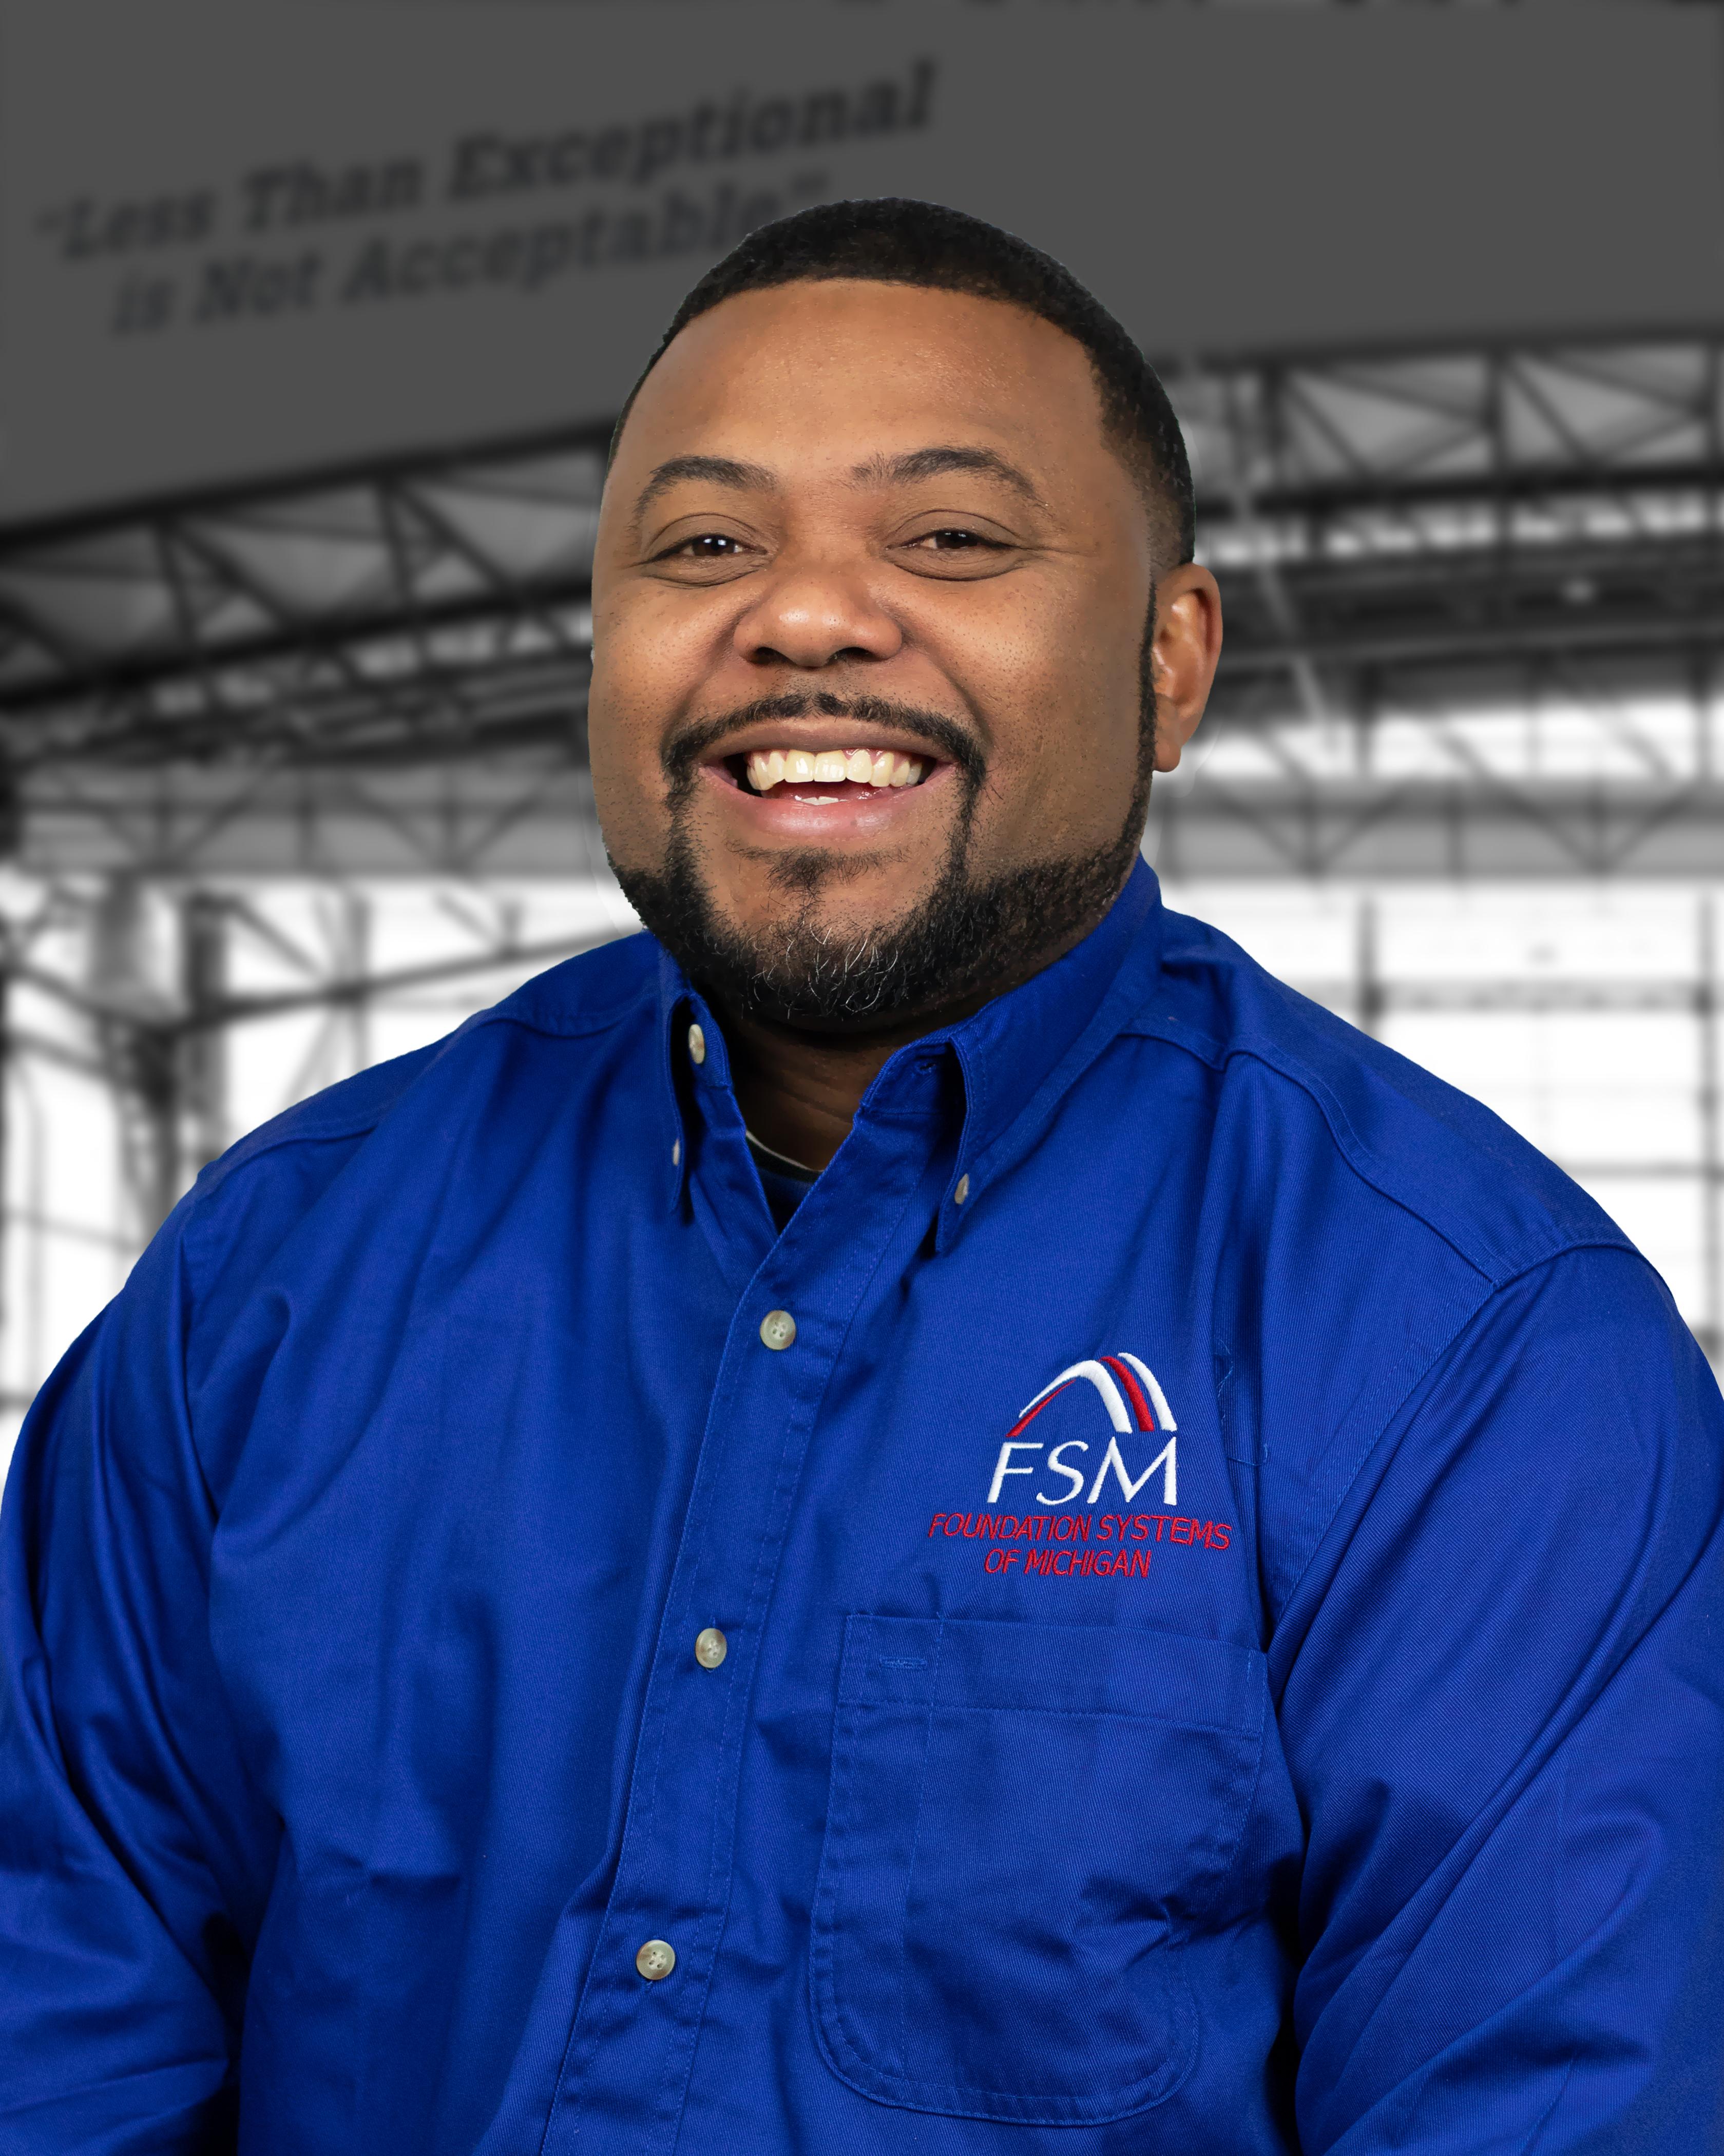 FSM Gregory Matthews Warehouse Associate